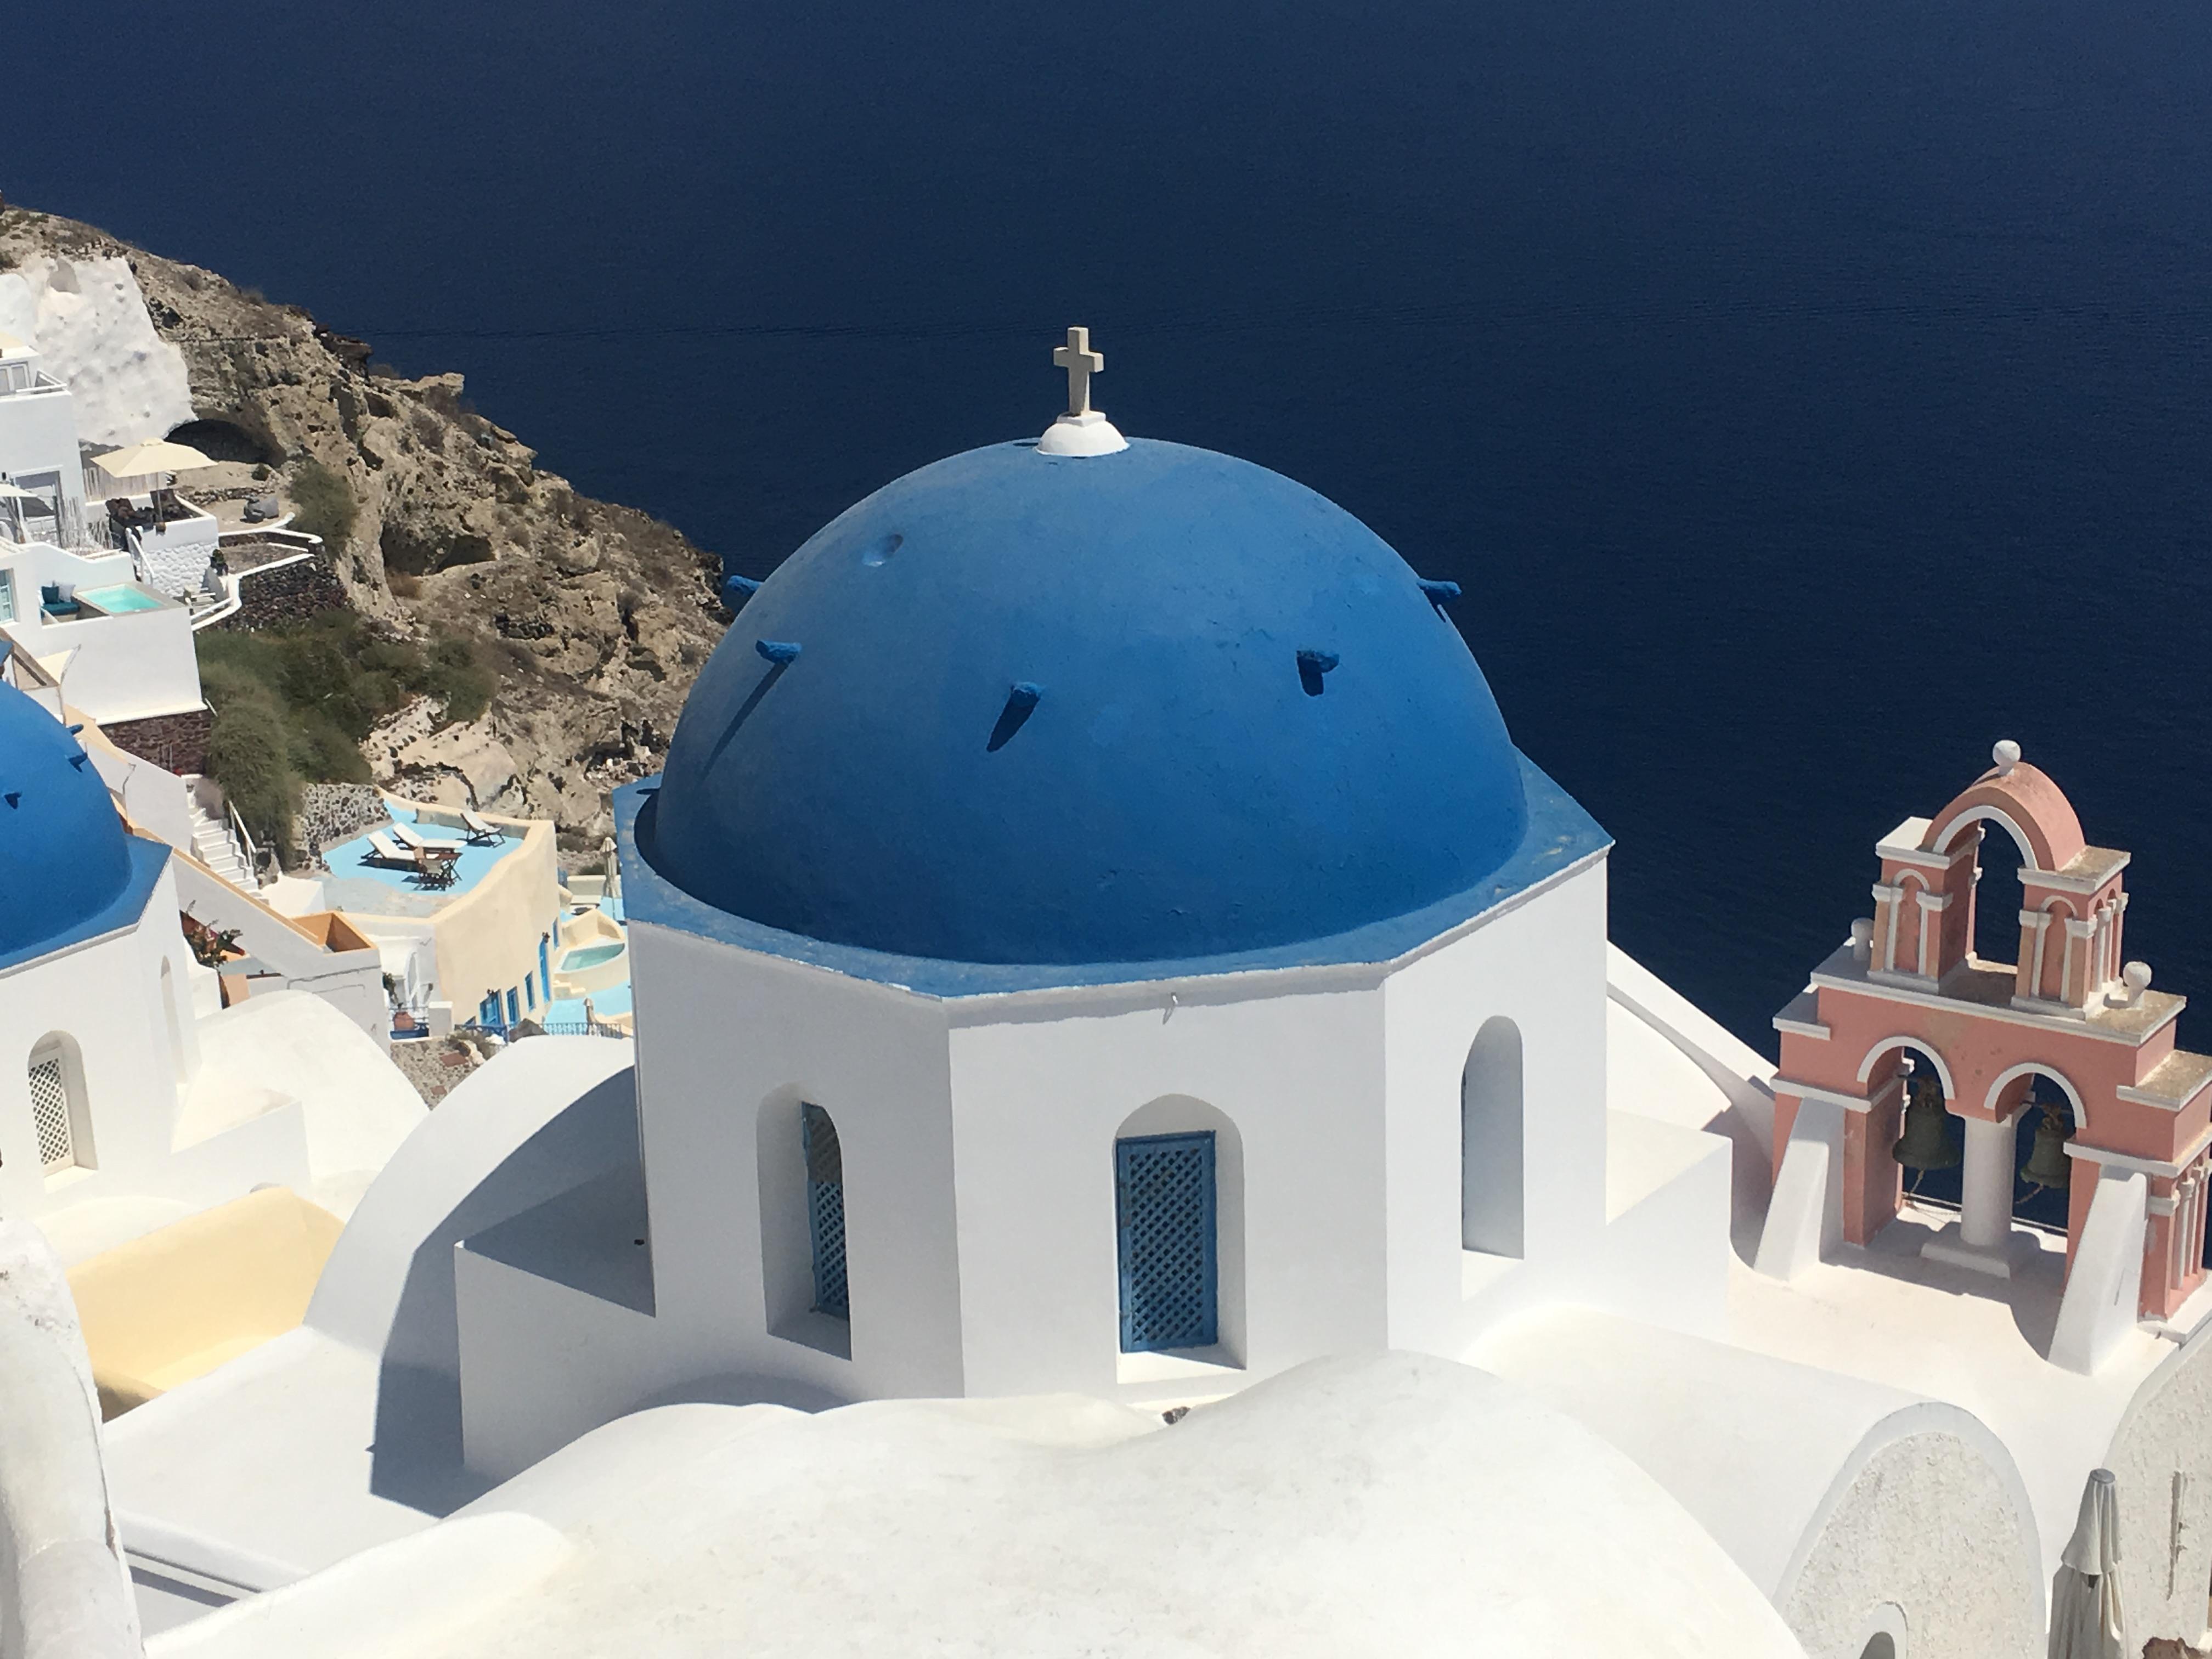 Spending the day in Santorini, Greece